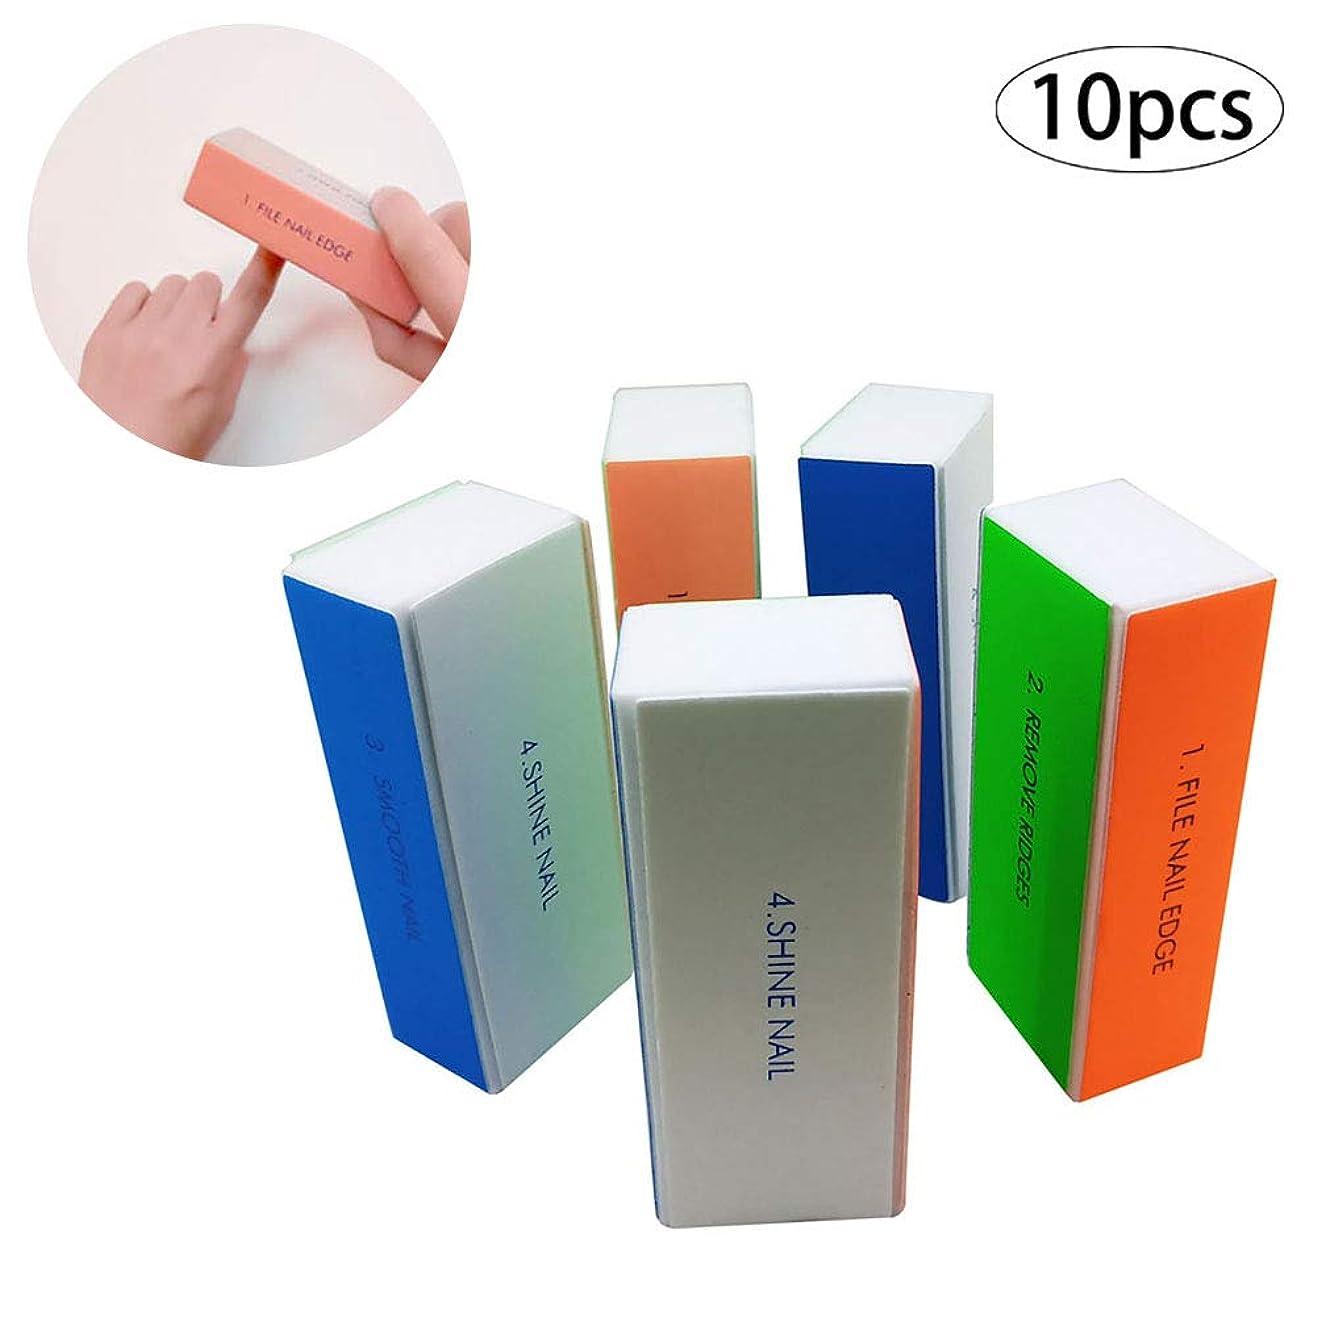 平らなエイリアン提案プロのサロンや家庭用10PCSプロフェッショナルネイルキット4ウェイネイルバッファブロックファイルマニキュアマニキュア製品